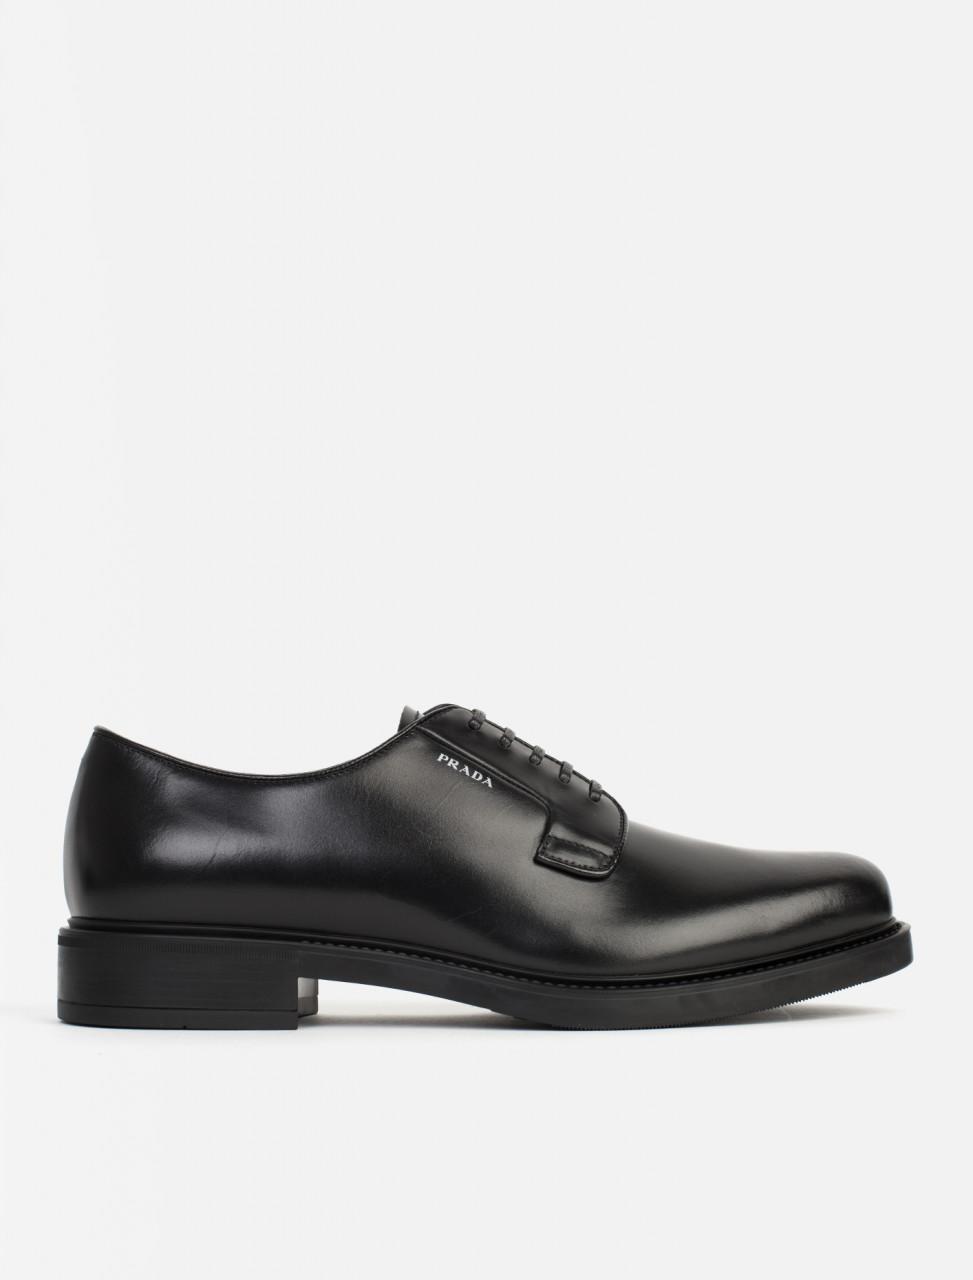 Nectar Leather Shoe